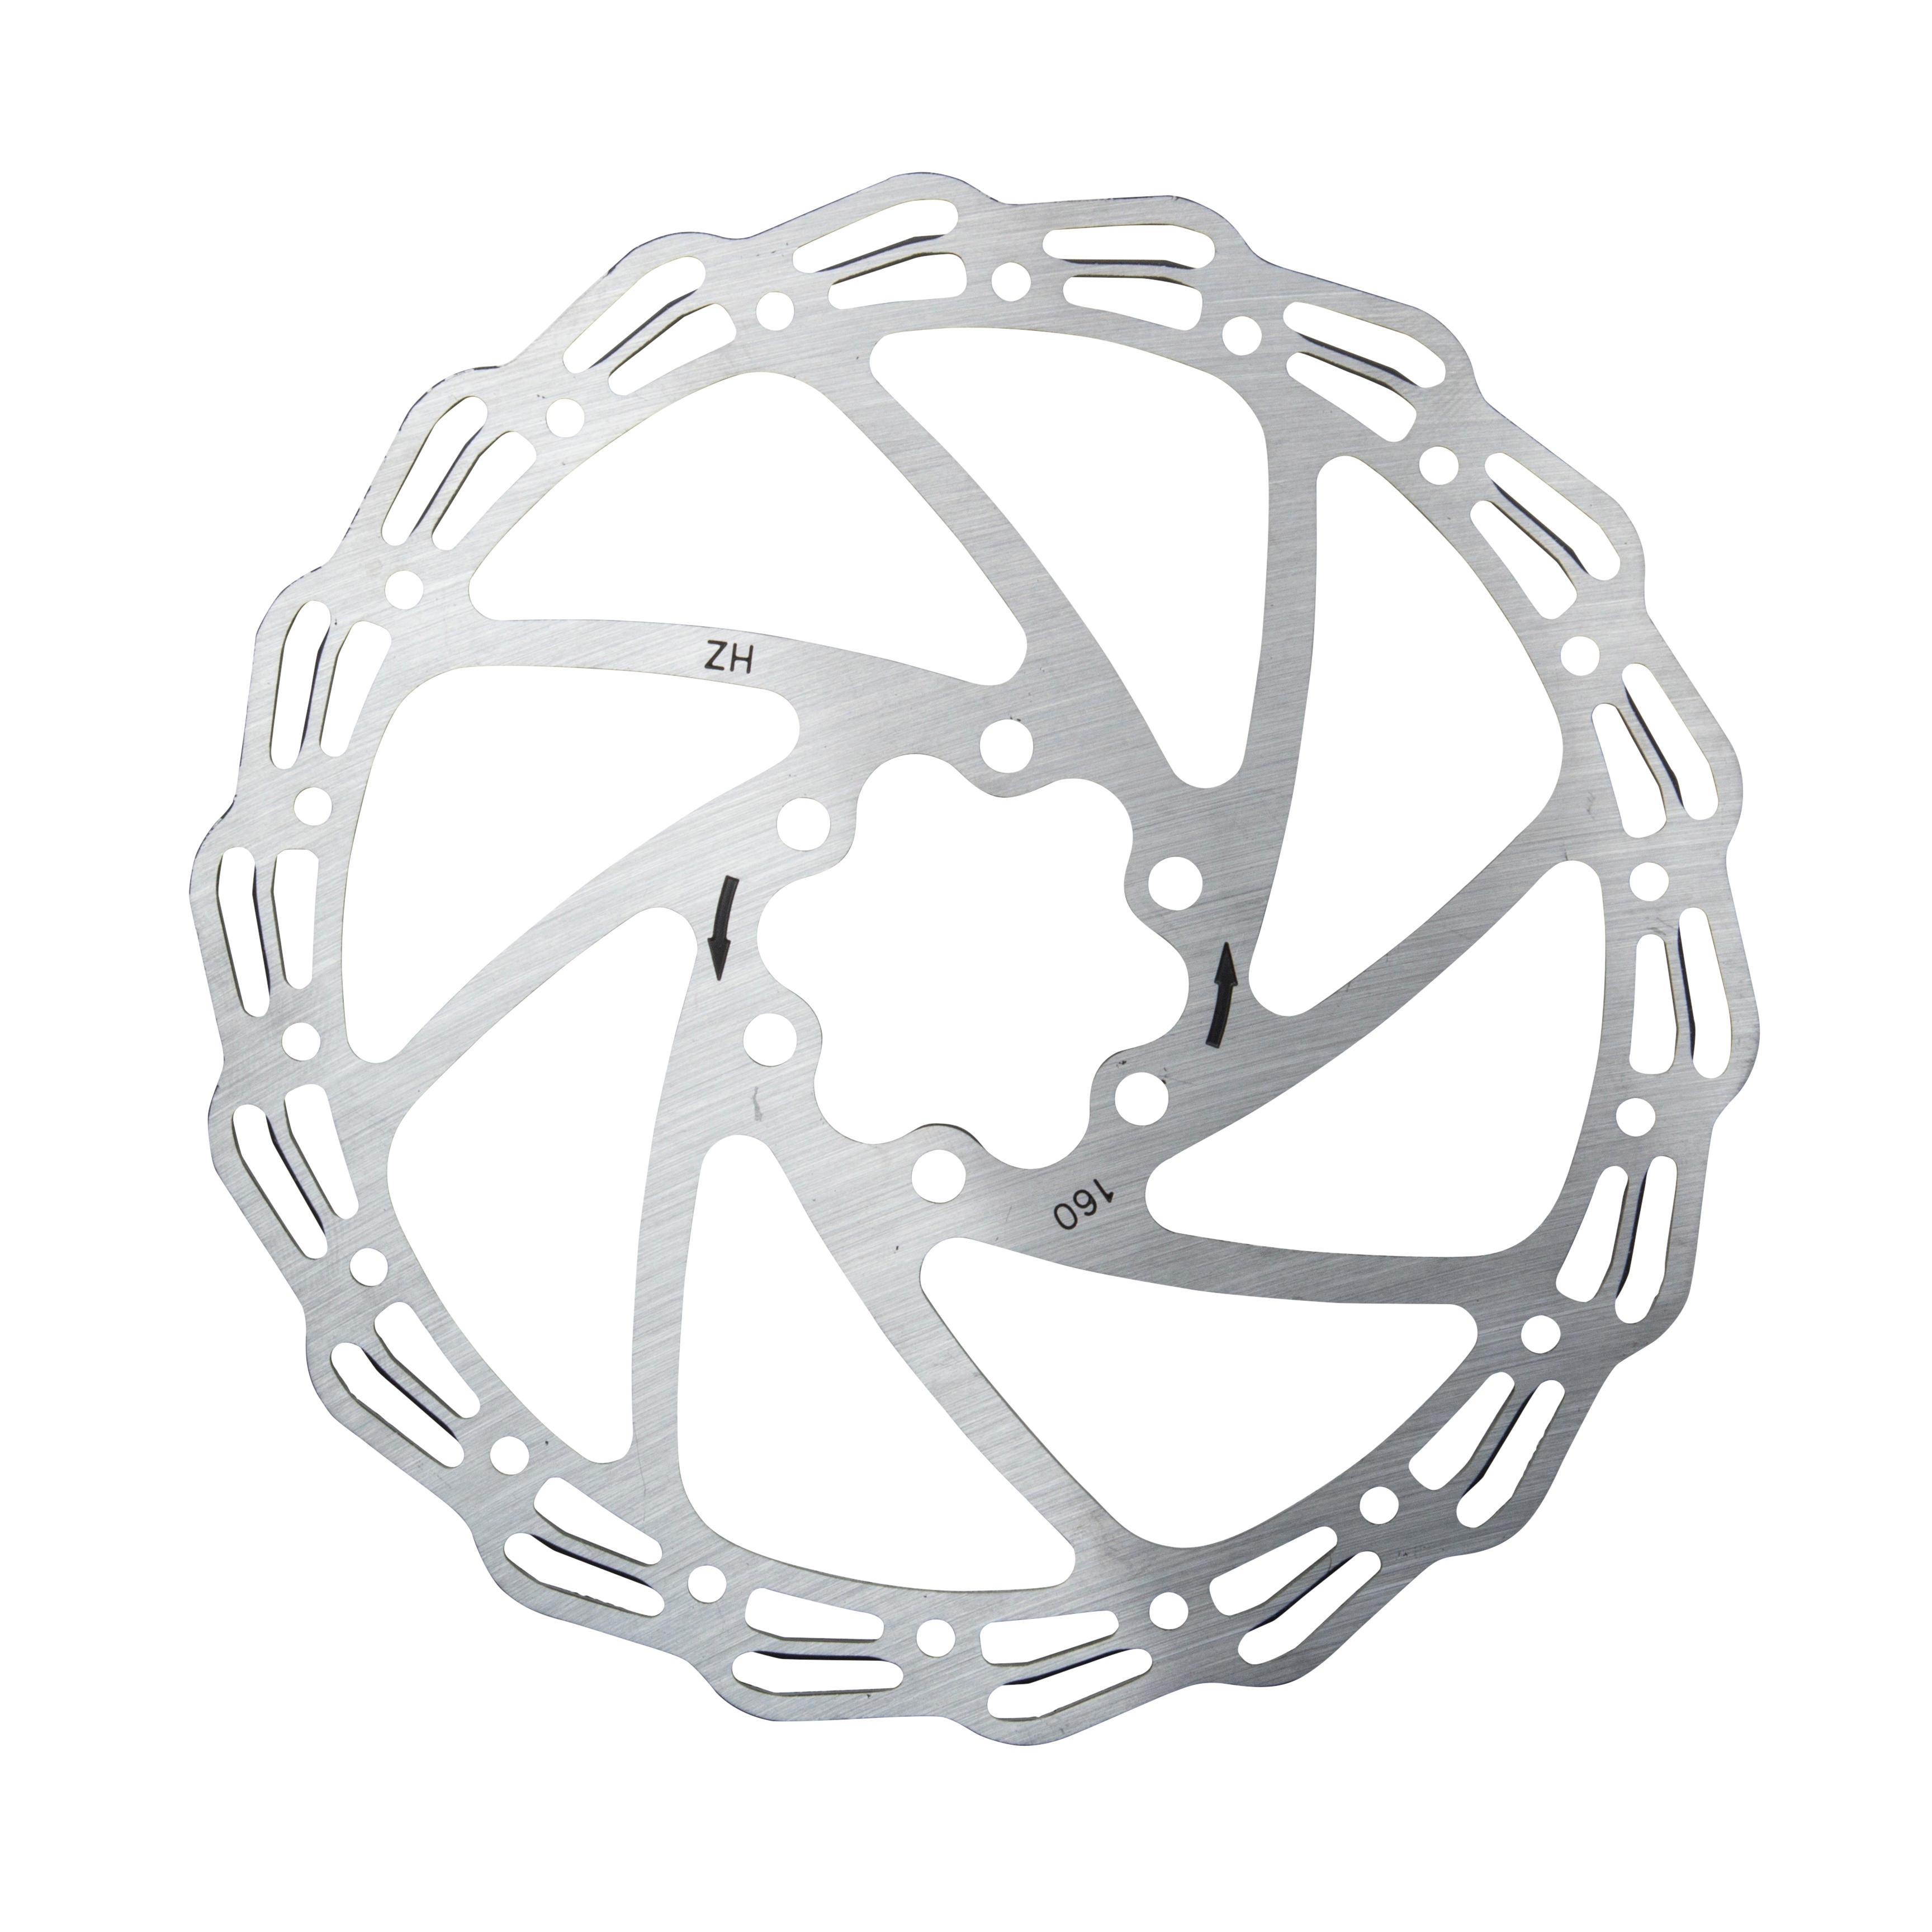 Avid Post est Disque De Frein Support De Montage Adaptateur-Arrière-Pour 185 Mm Rotor